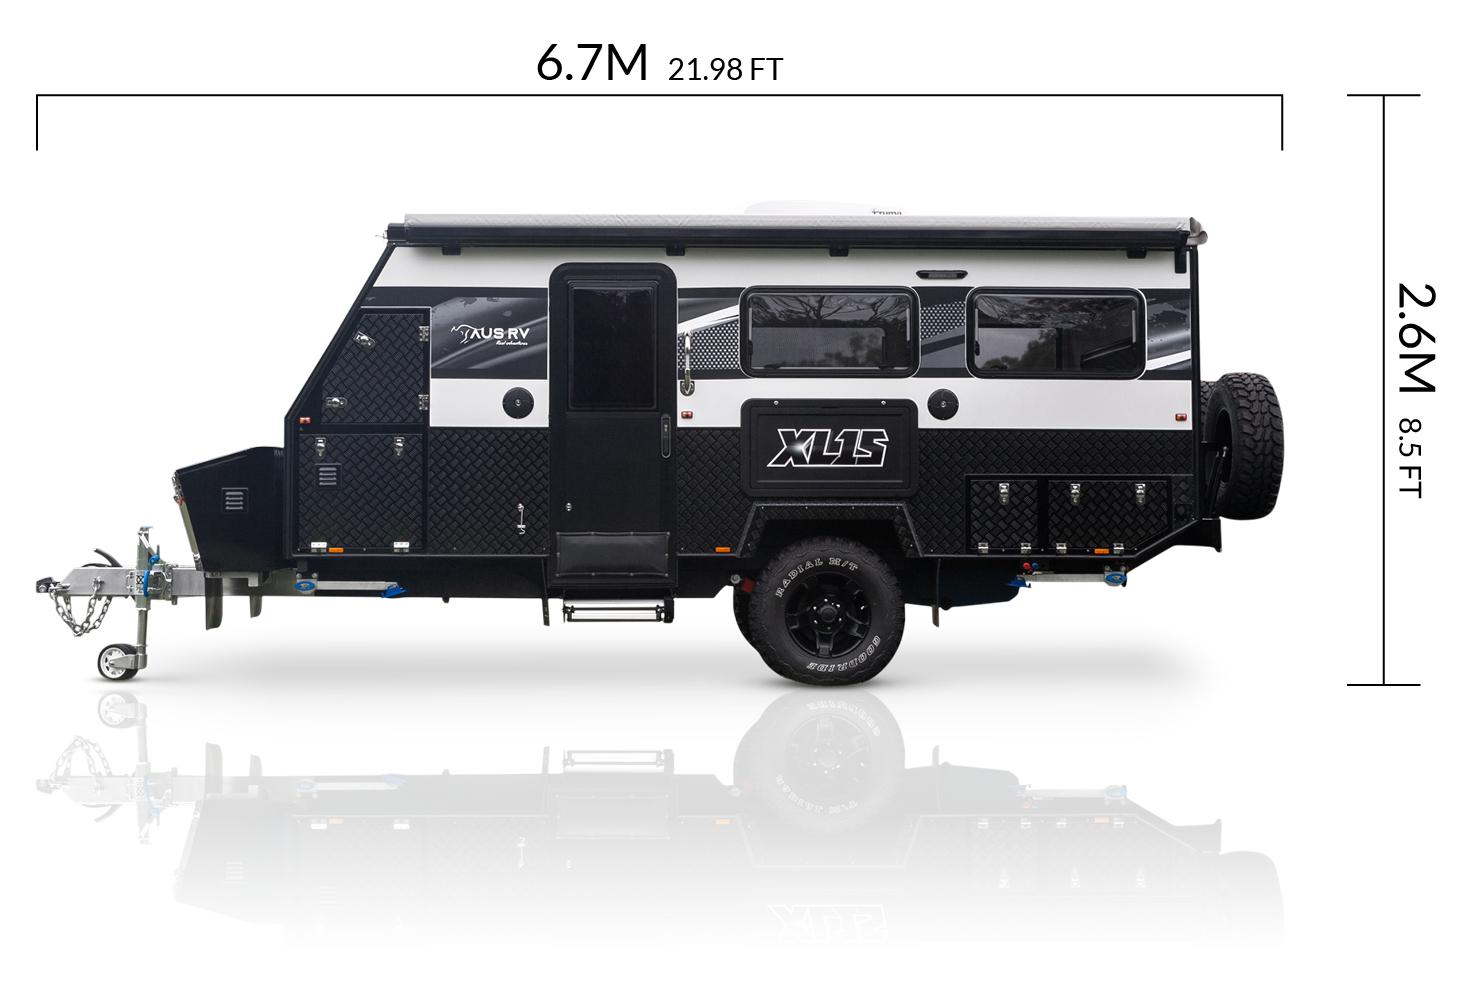 AUSRV AU XL15 offroad caravan dimensions